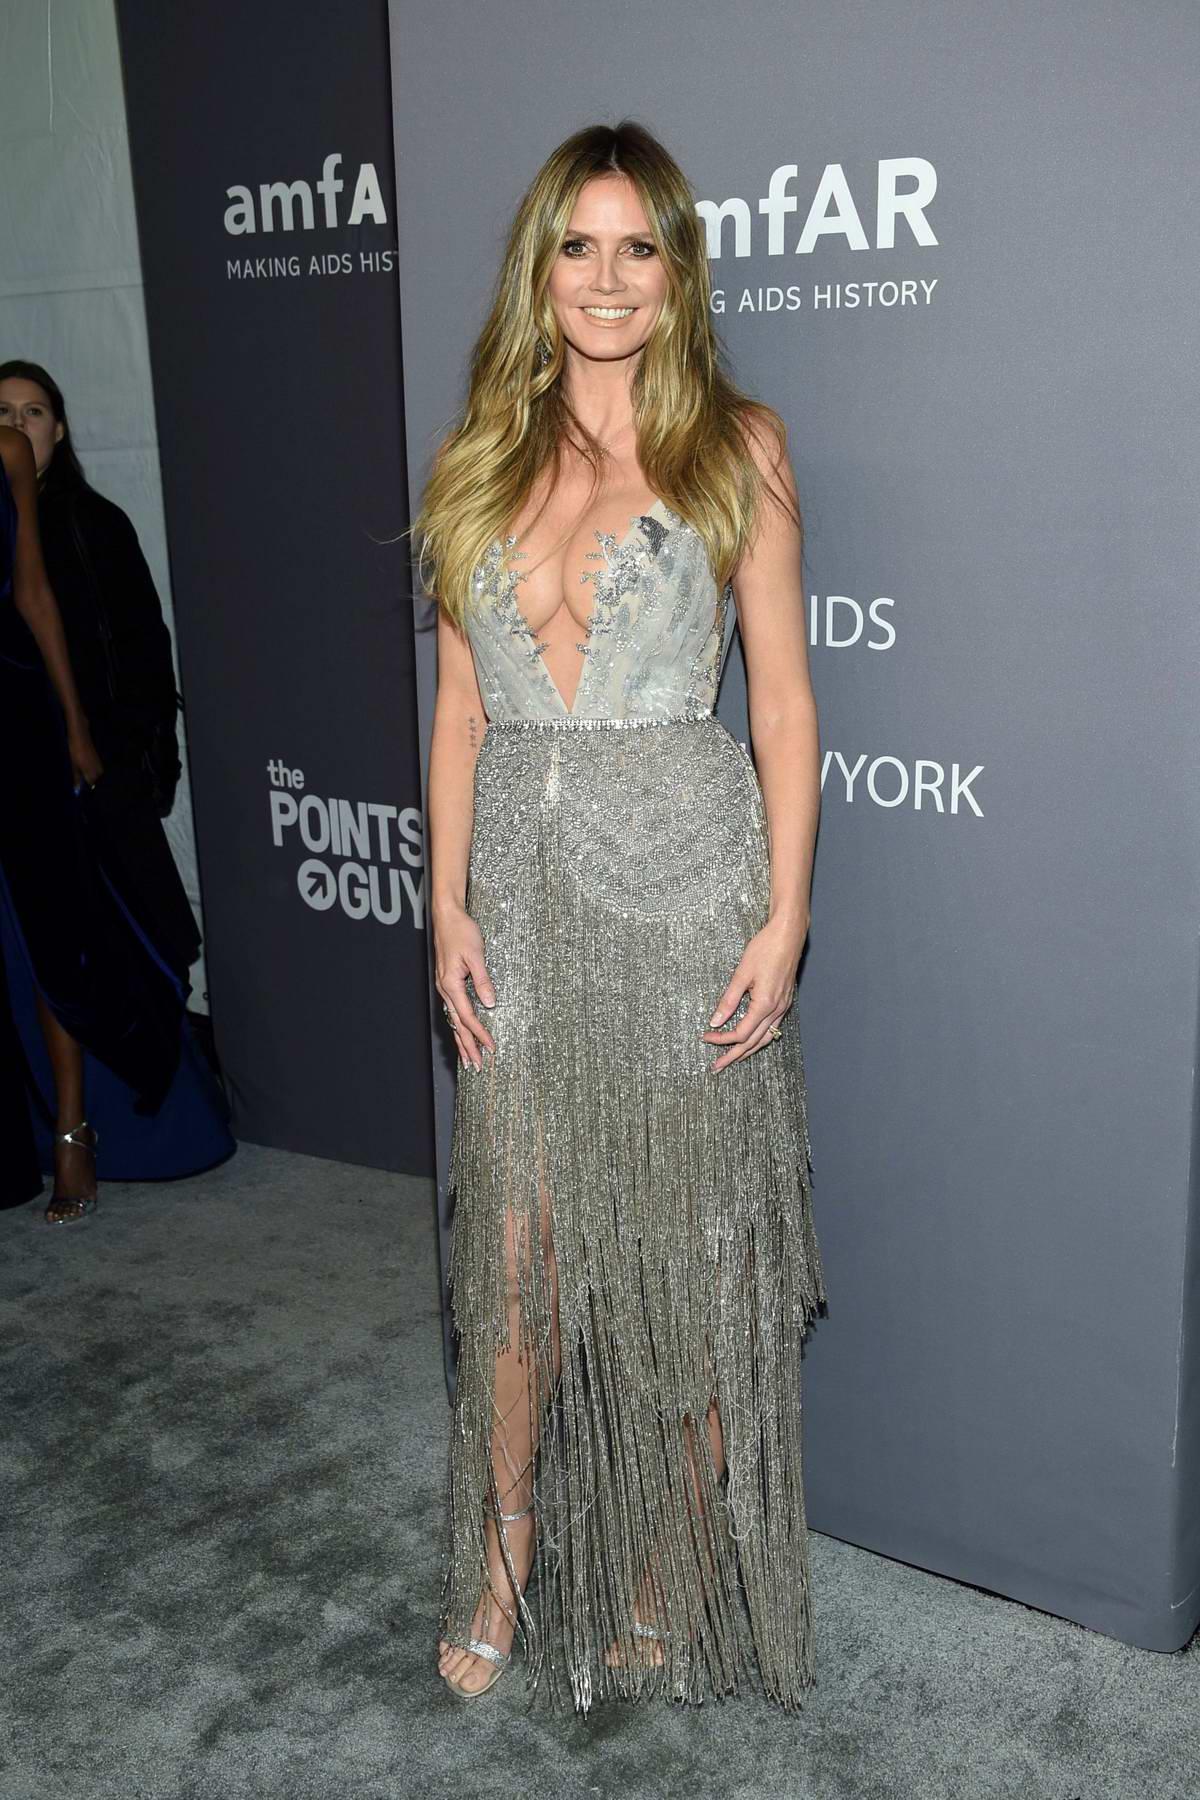 Heidi Klum attends amfAR New York Gala 2019 at Cipriani Wall Street in New York City